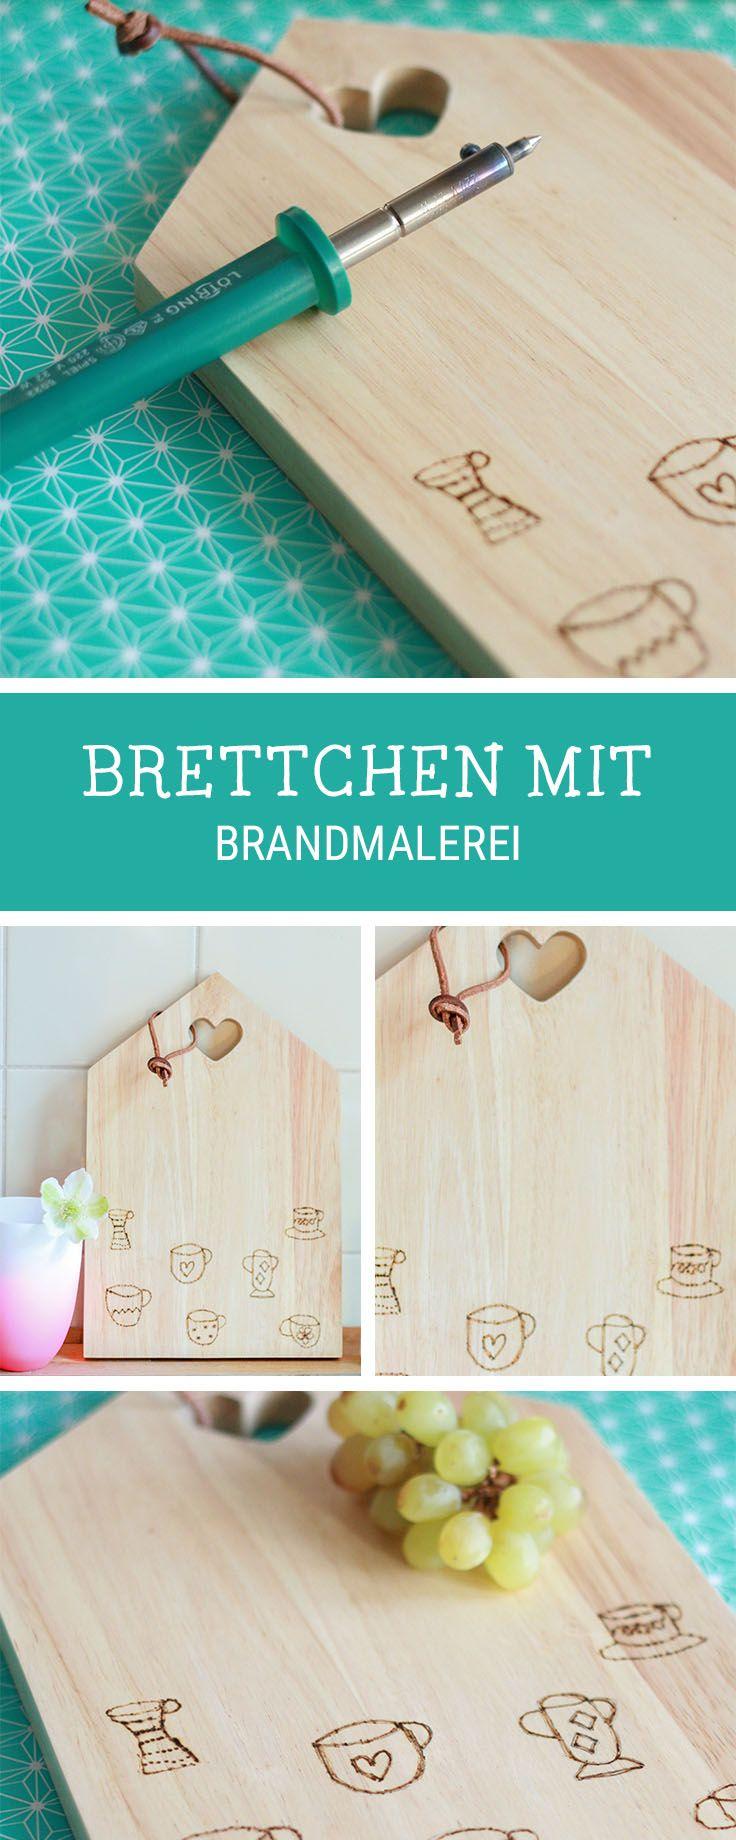 DIY-Anleitung: Küchenbrett mit Brandmalerei verzieren / diy inspiration for a wooden cutting board, customized with brandings via DaWanda.com